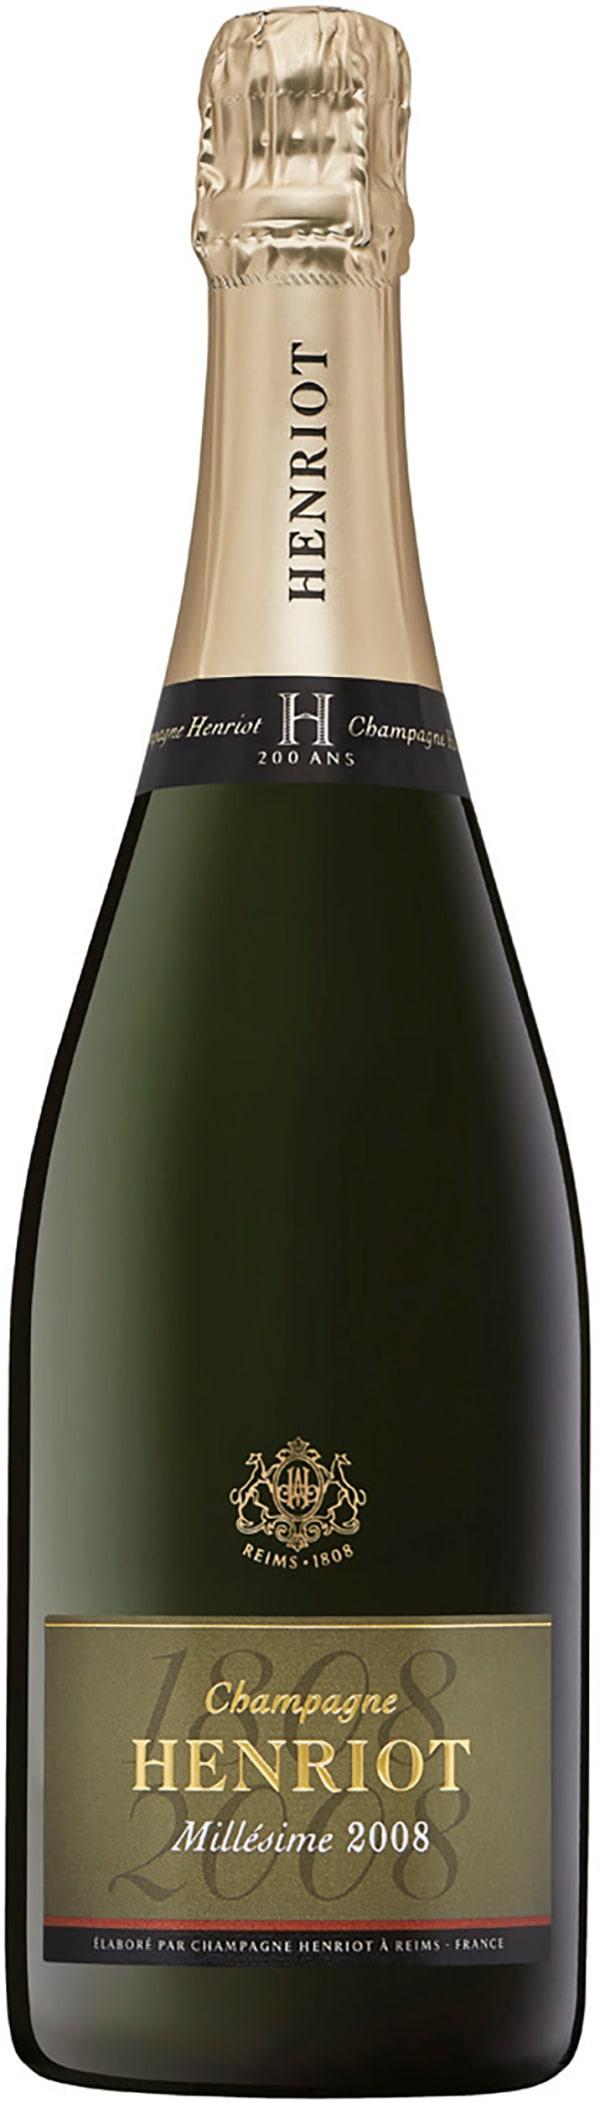 Henriot Millésime Champagne Brut 2008